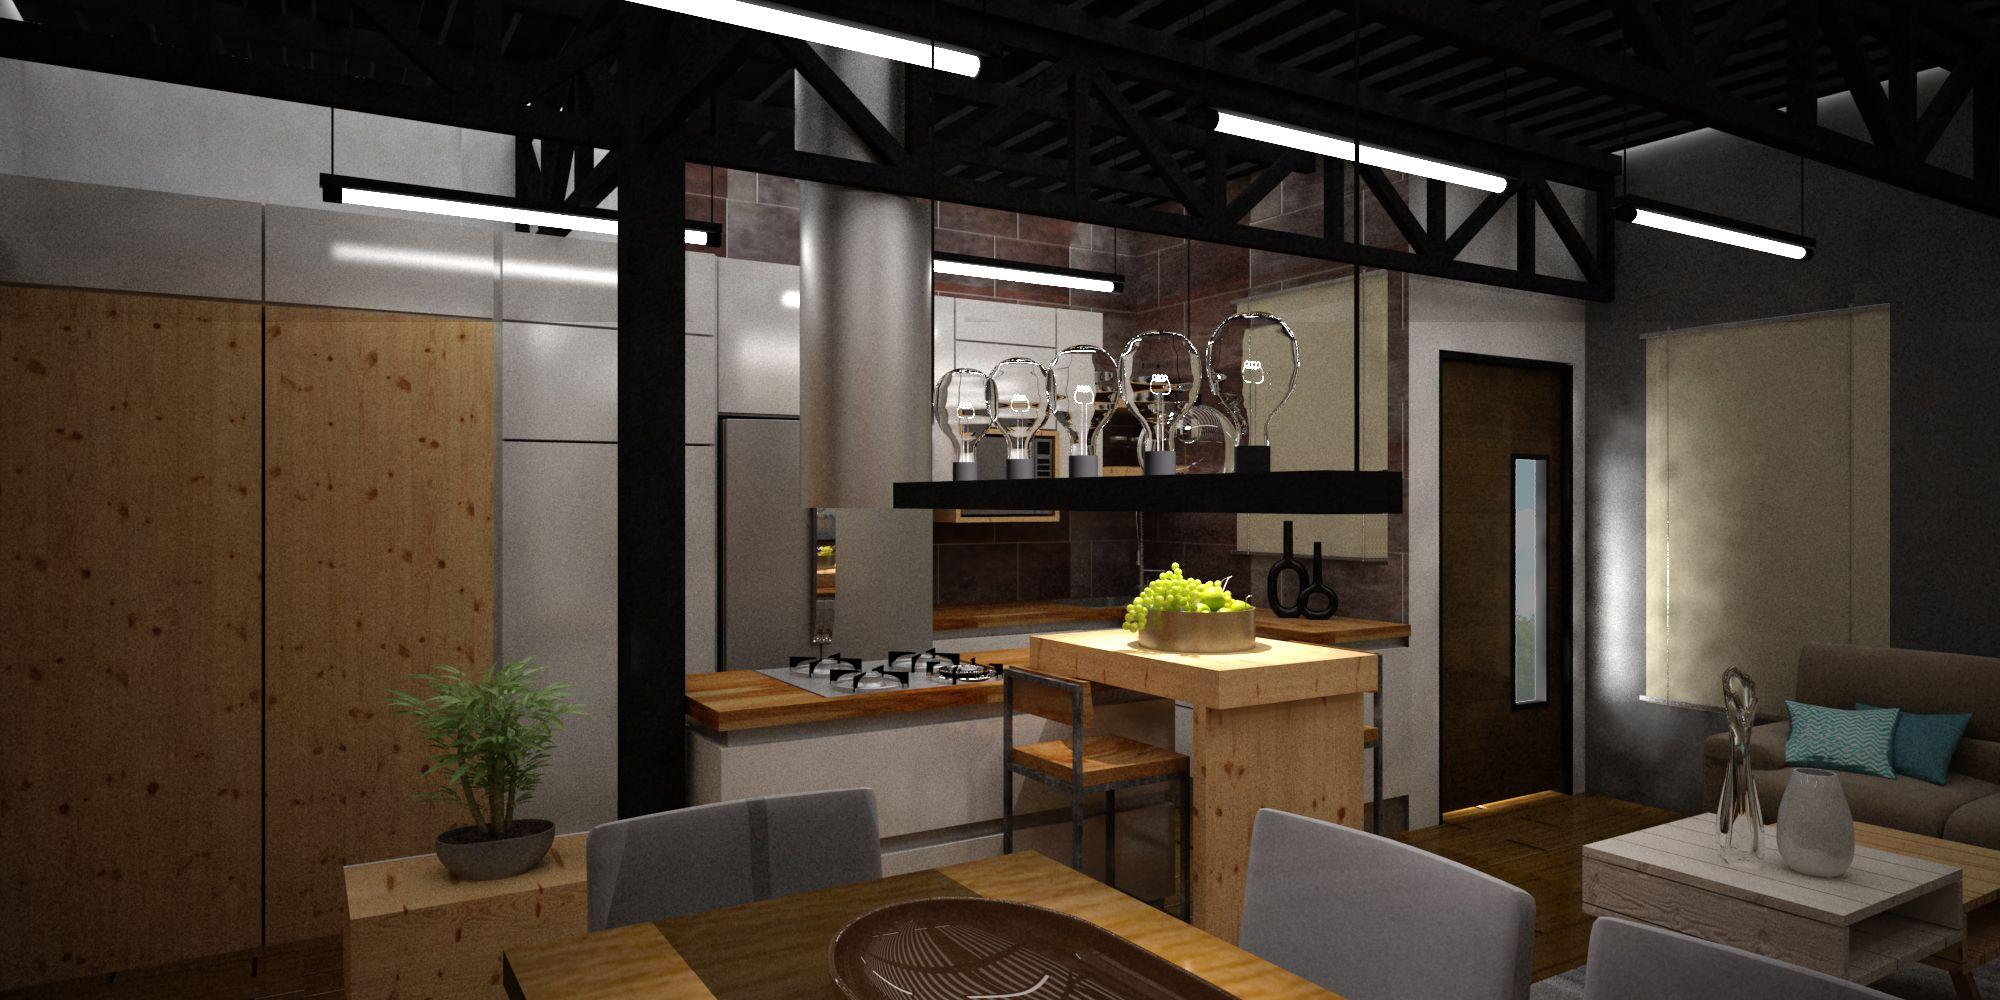 diseÑo interior sala--comedor-cocina | diseÑo interior jorge y